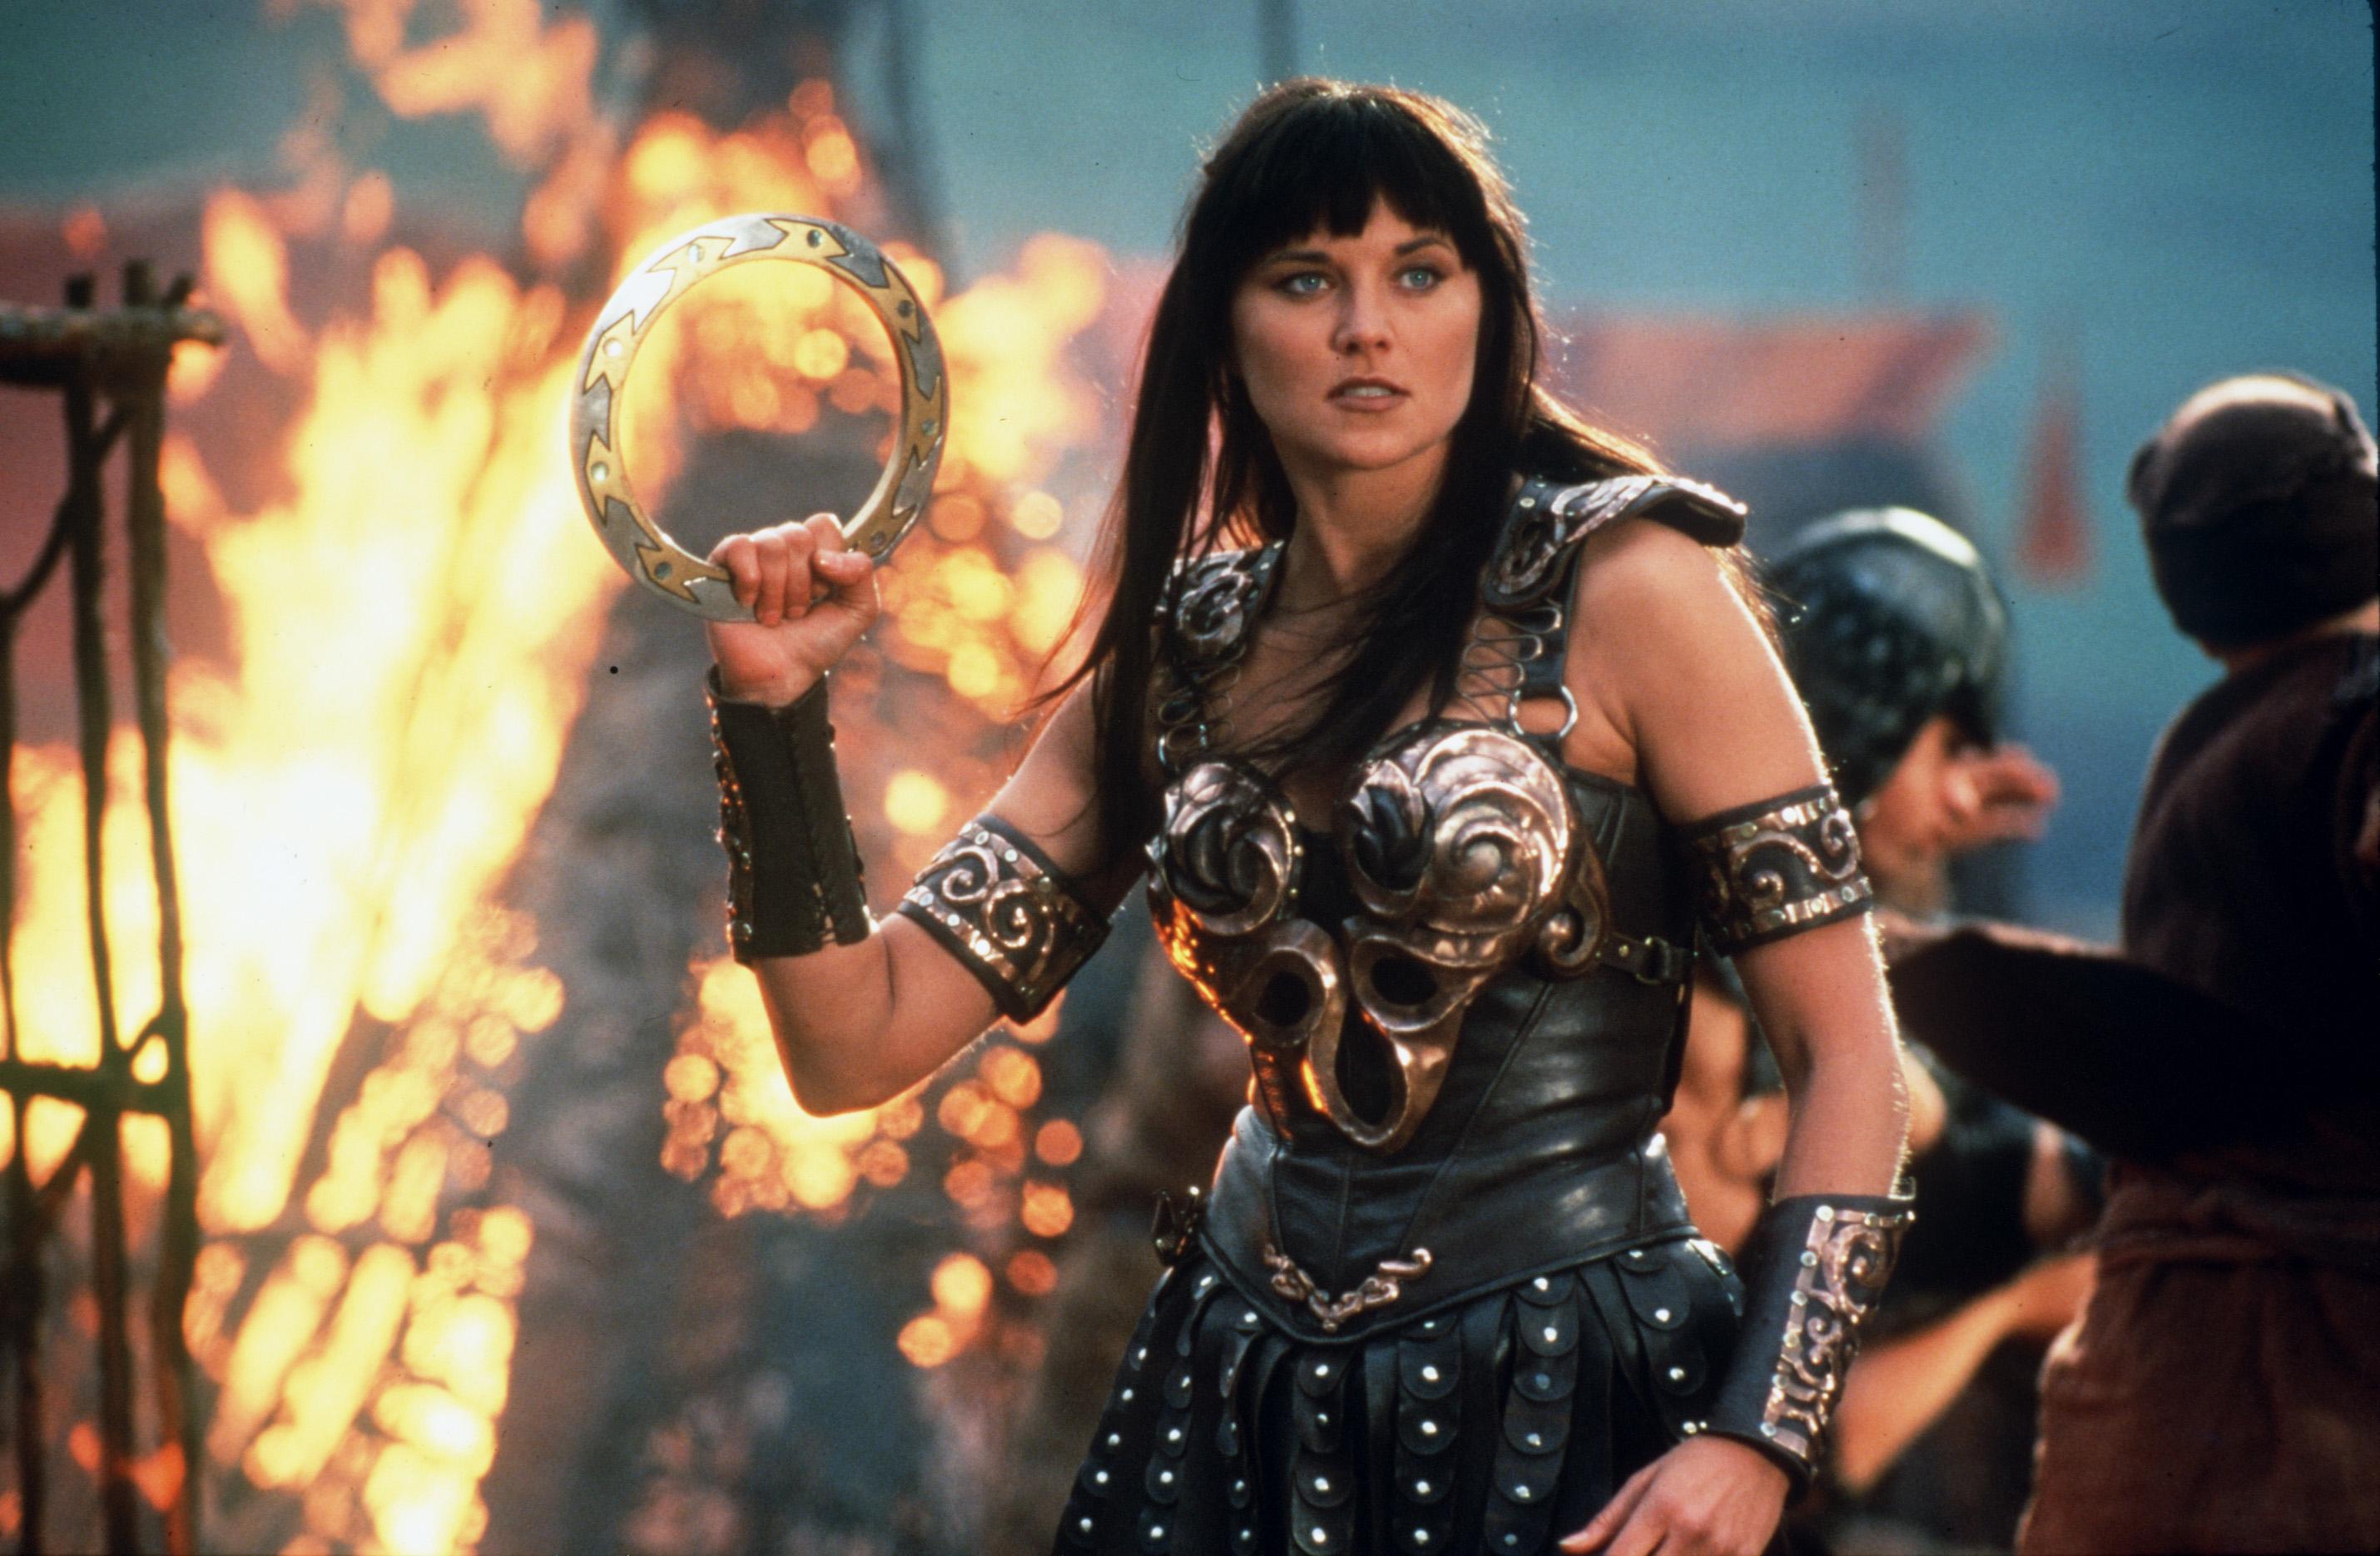 Xena |  De armas tomar: los 7 mejores personajes femeninos de acción | BrainBerries